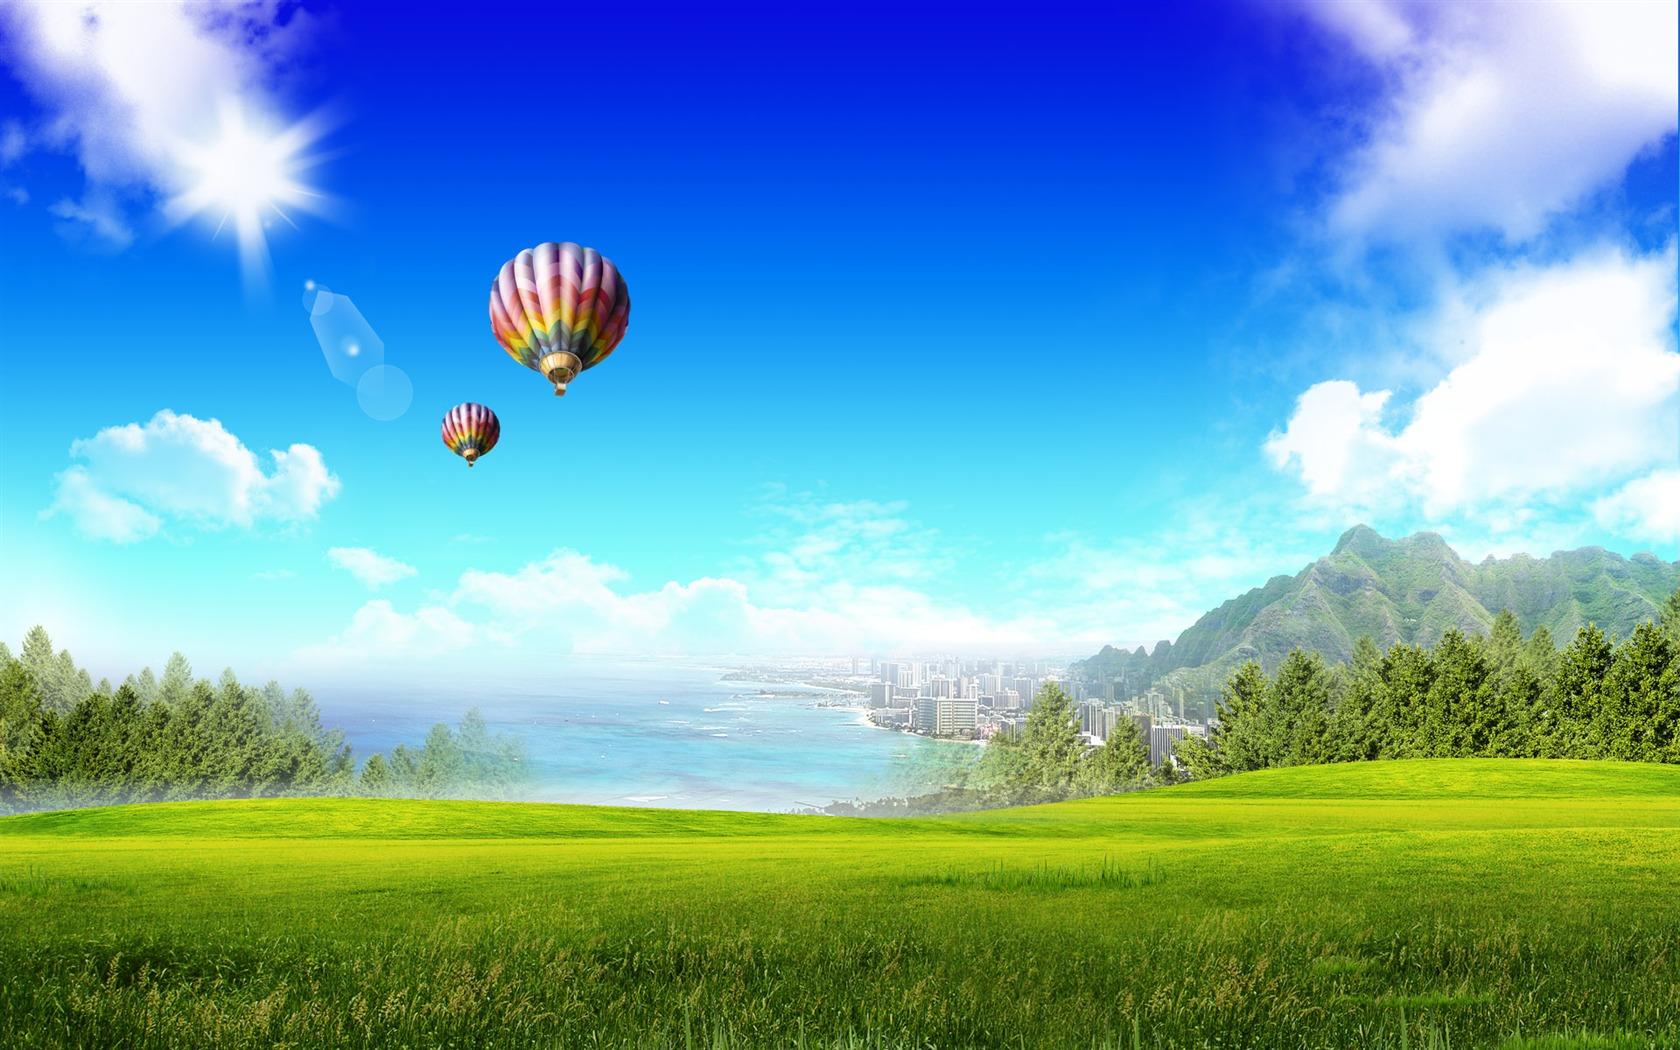 Photoshop fond d 39 cran paysage d 39 t ensoleill e 2 7 for Fond ecran ete paysage